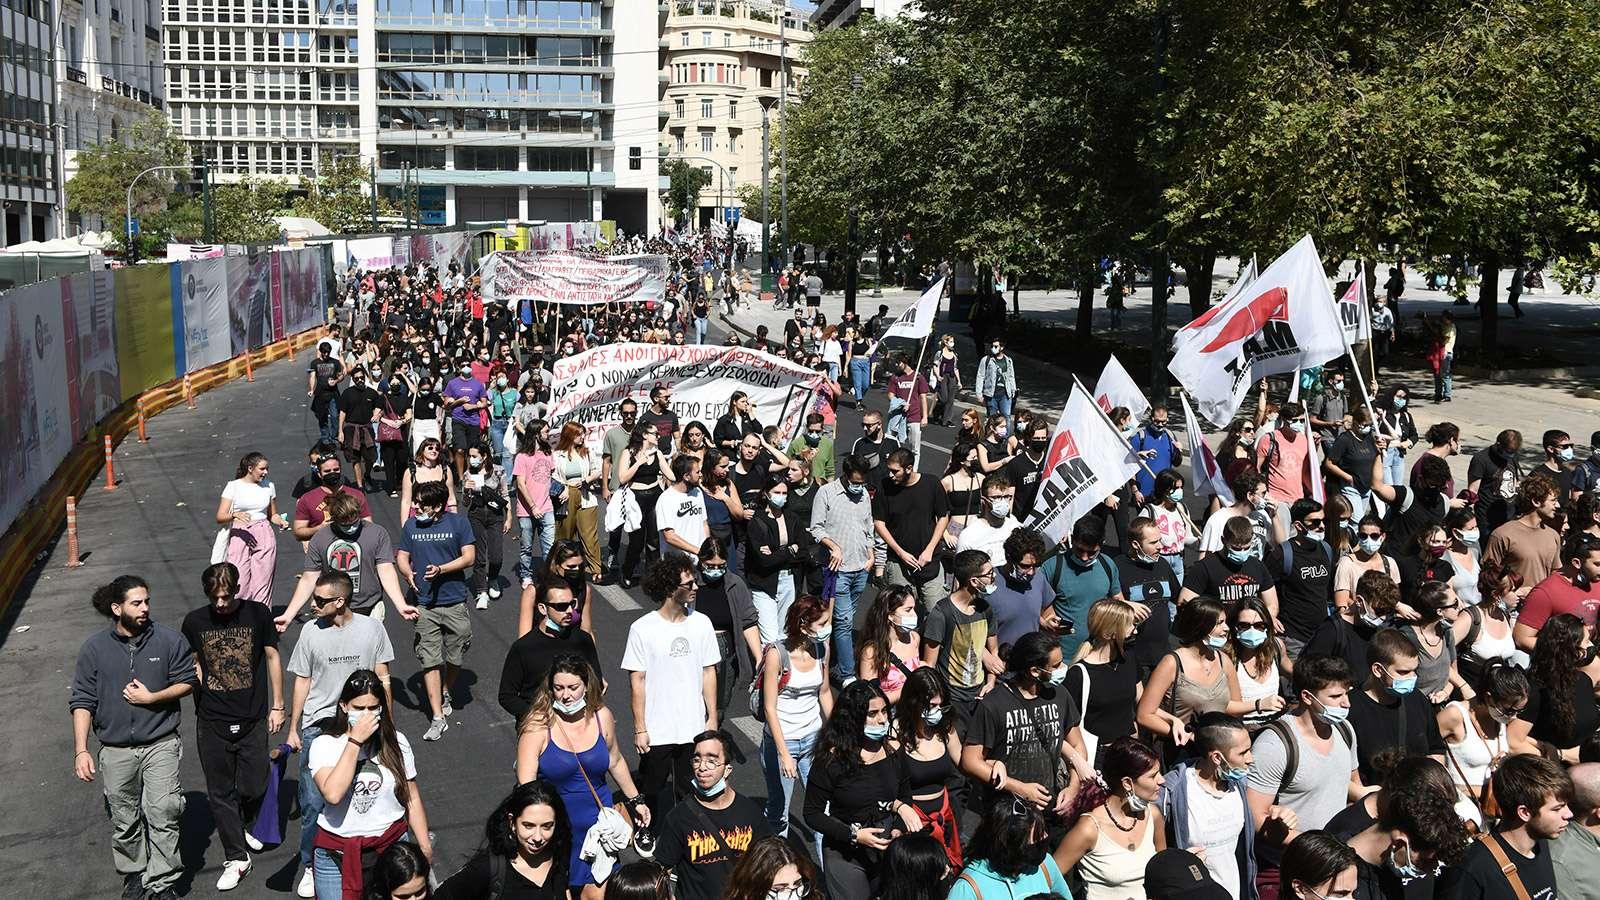 Σύλλογοι Αθήνας Δυναμική κινητοποίηση για ασφαλείς σχολές ενάντια στο φασισμό 2